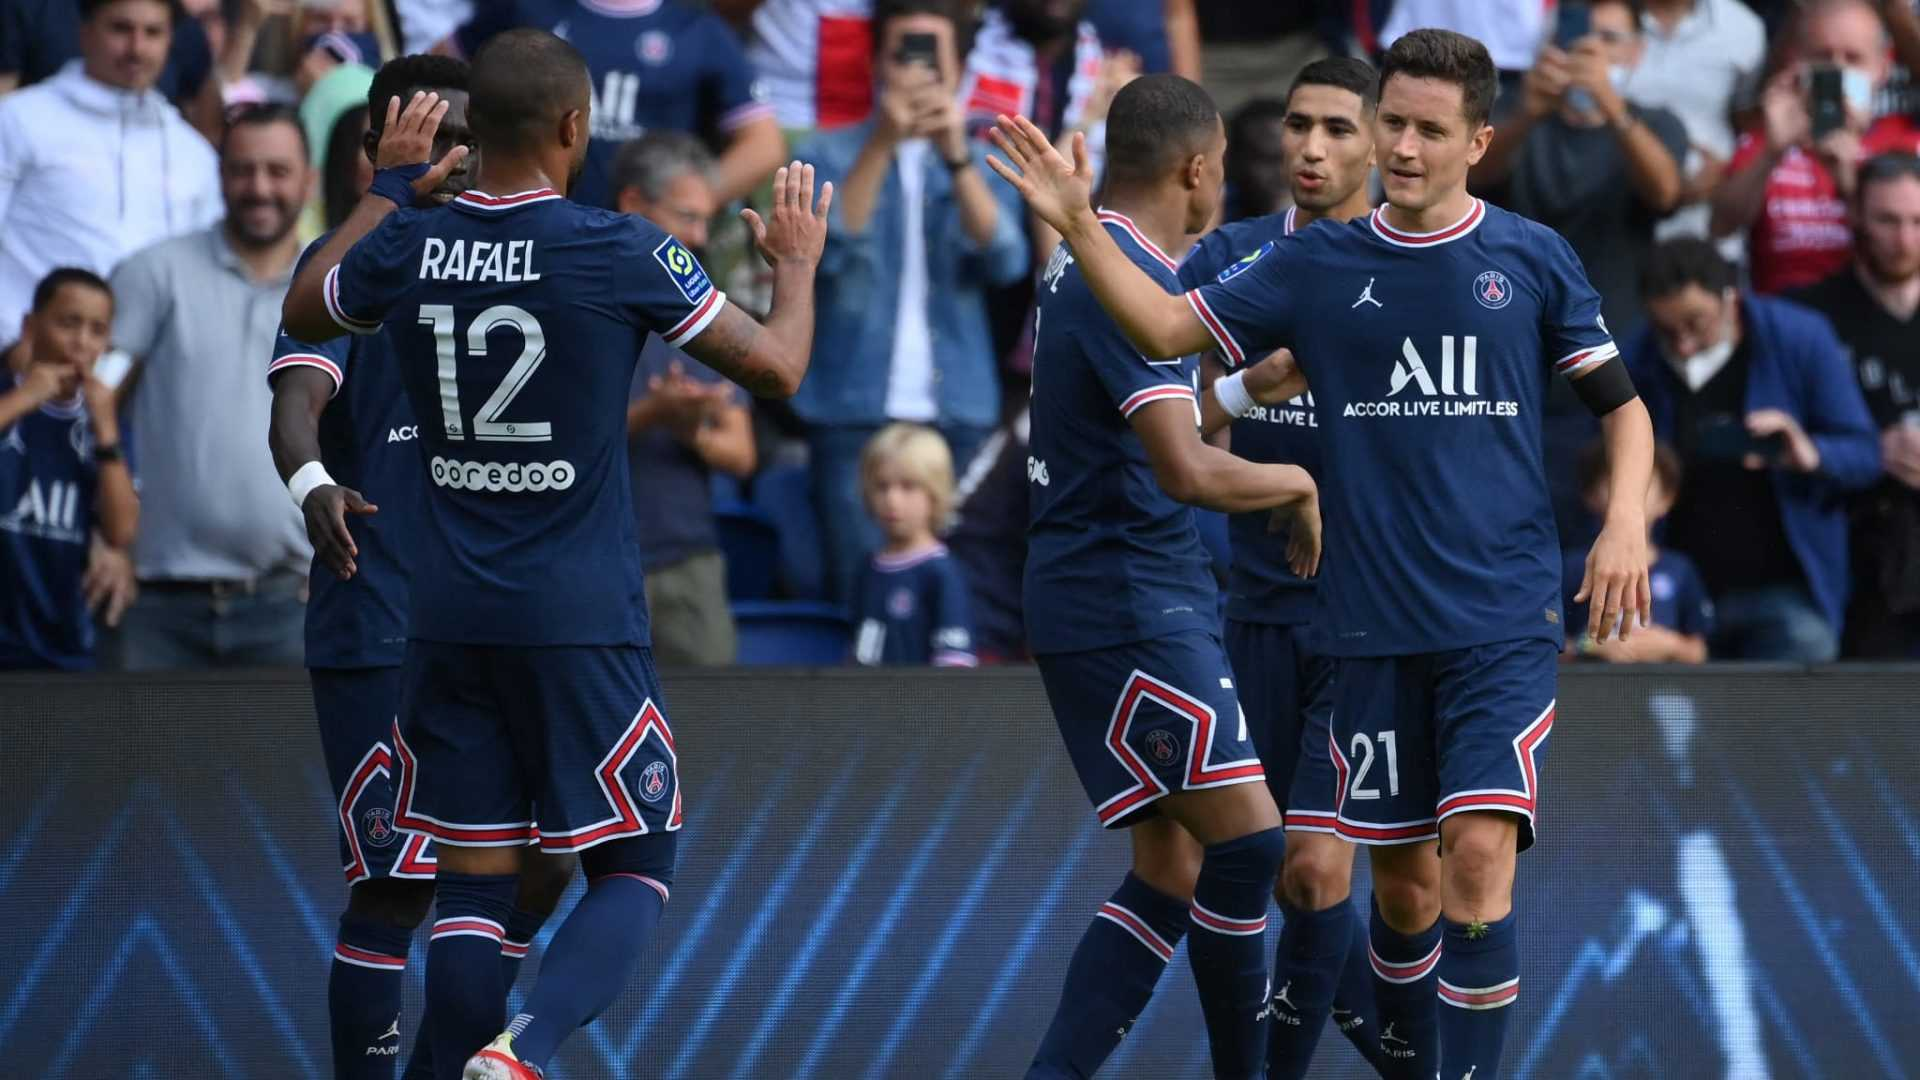 Ligue 1, giornata 5: il PSG fa poker, ancora ko Lille e Monaco